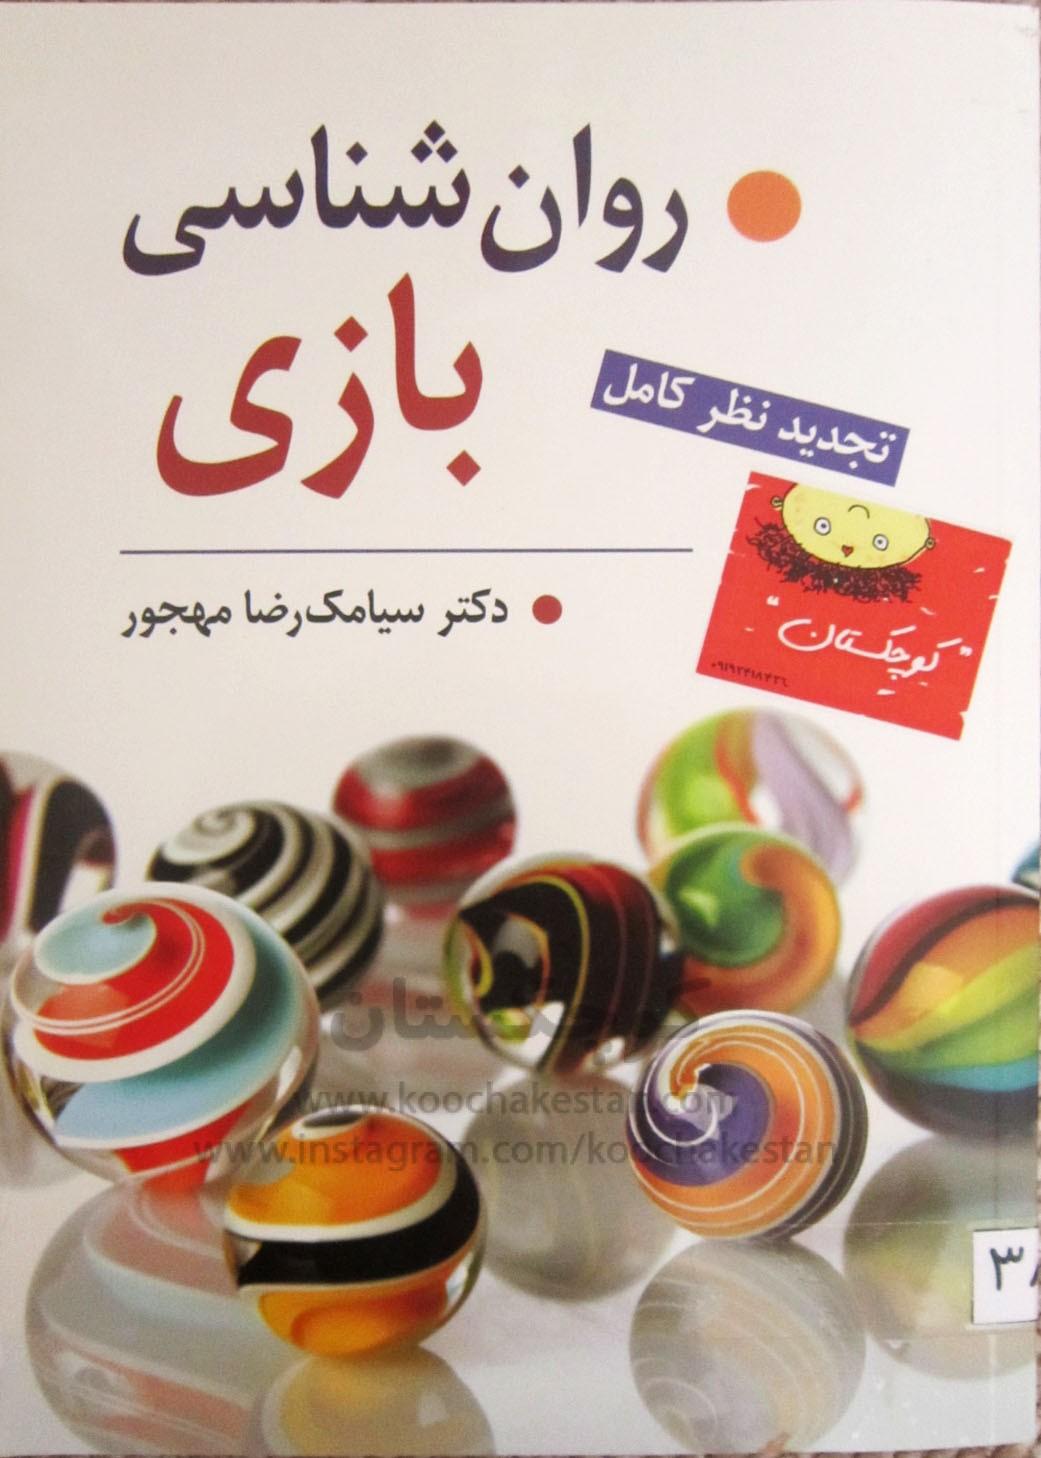 روان شناسی بازی - کتابخانه کودک - کوچکستان